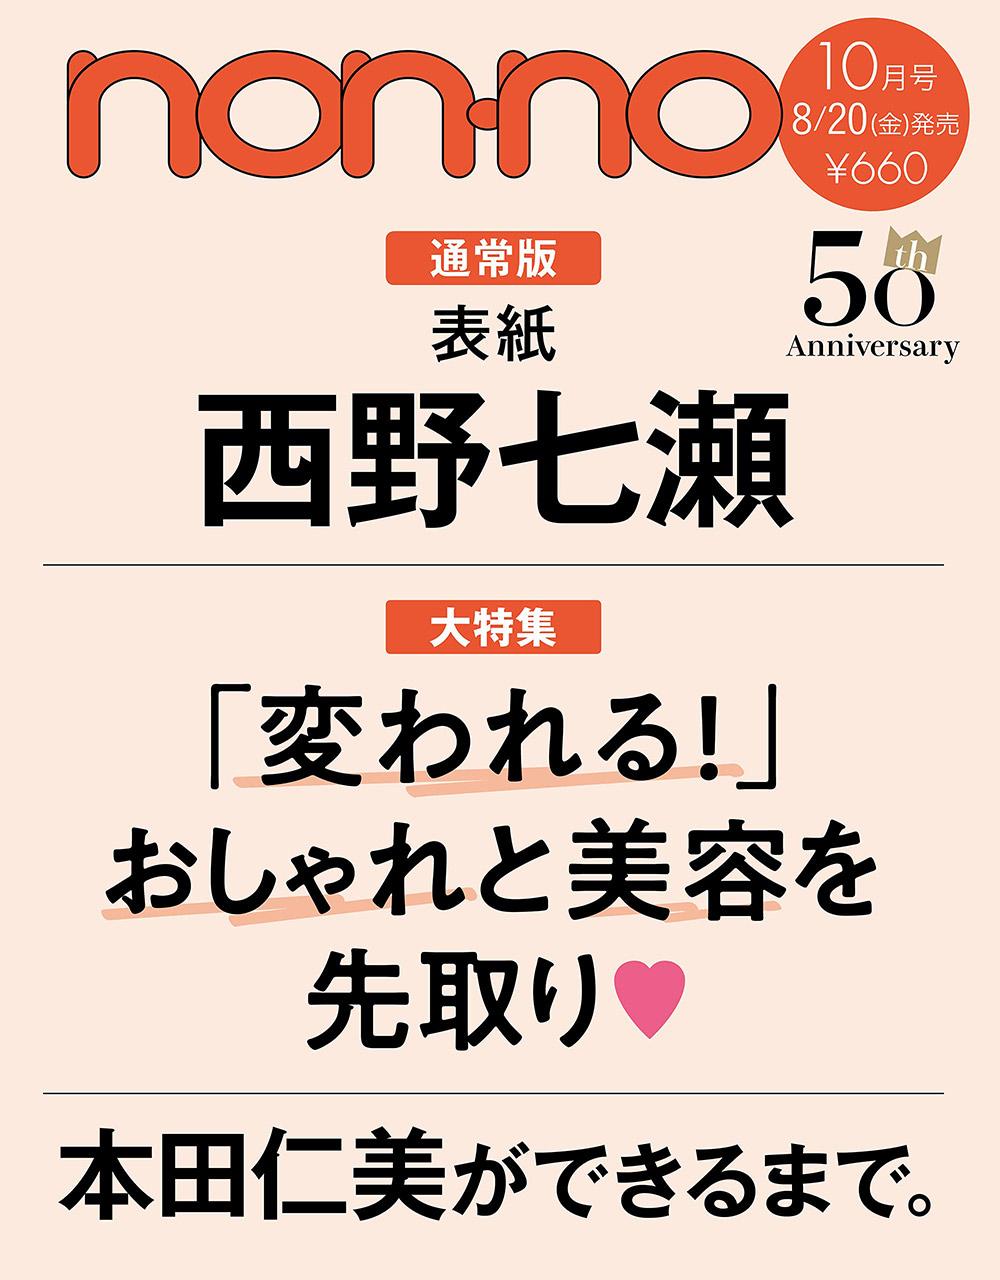 西野七瀬が表紙に登場!「non-no 2021年10月号」8/20発売!